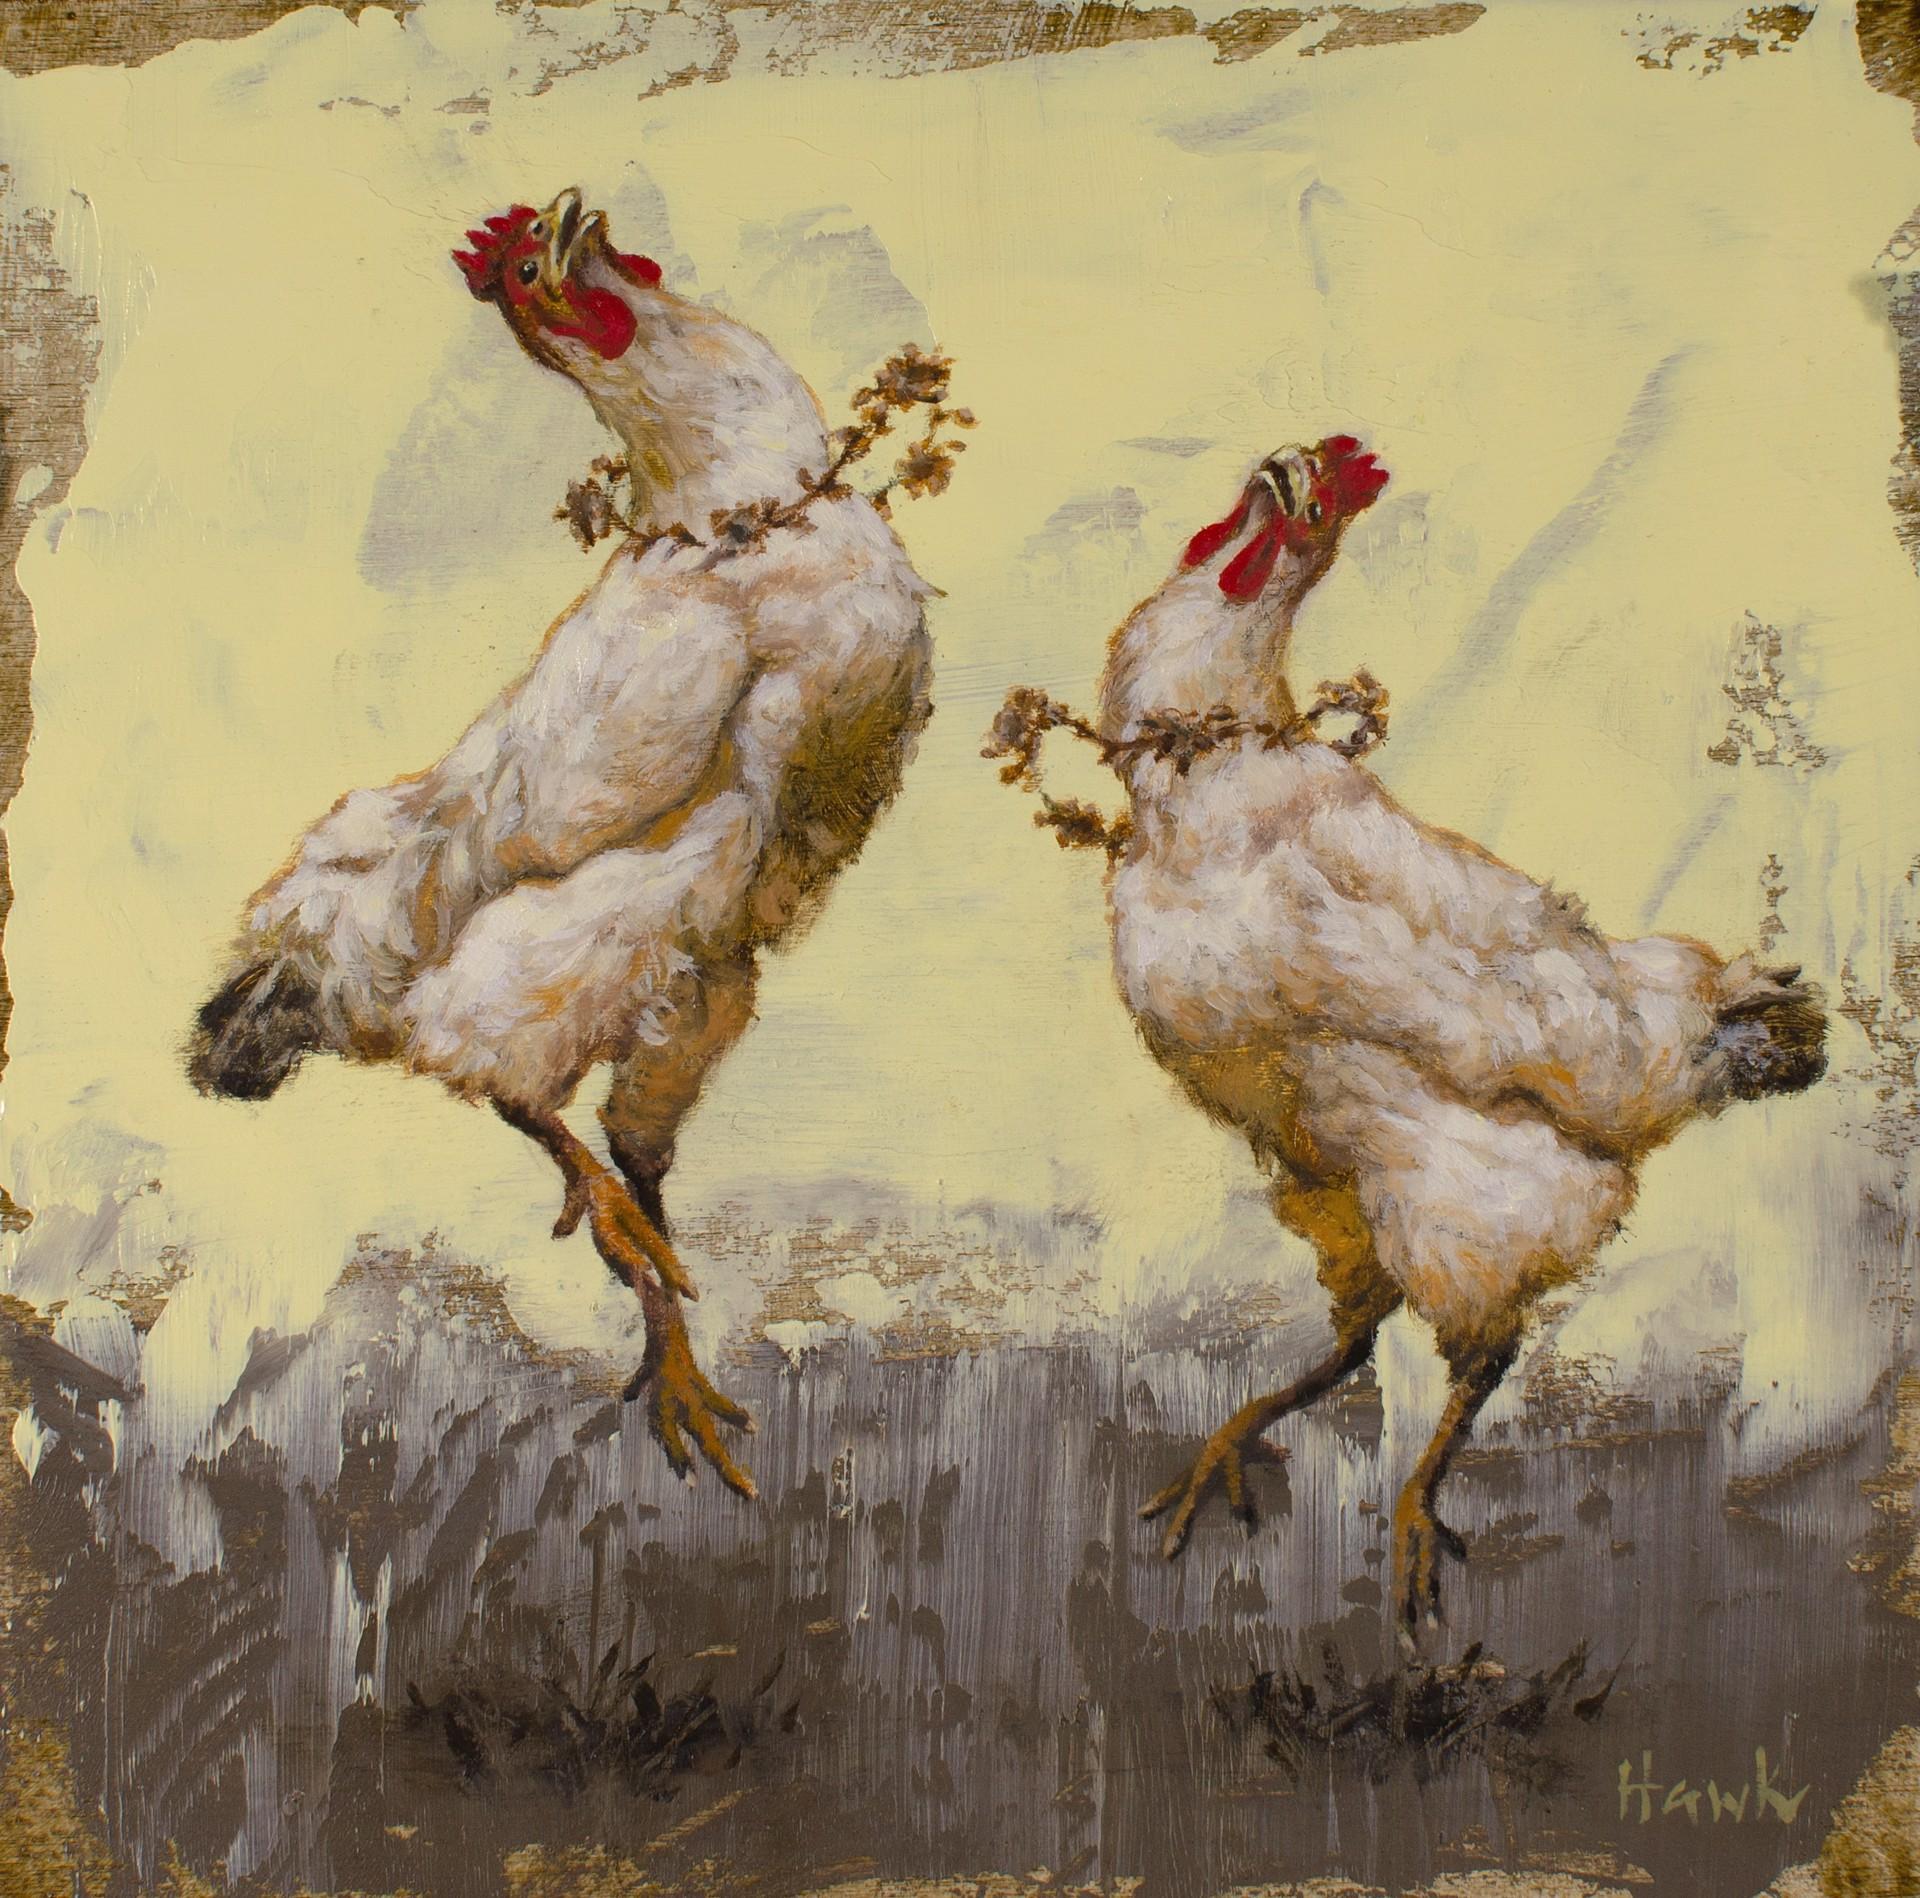 Fancy Dancing Chicks by Dana Hawk